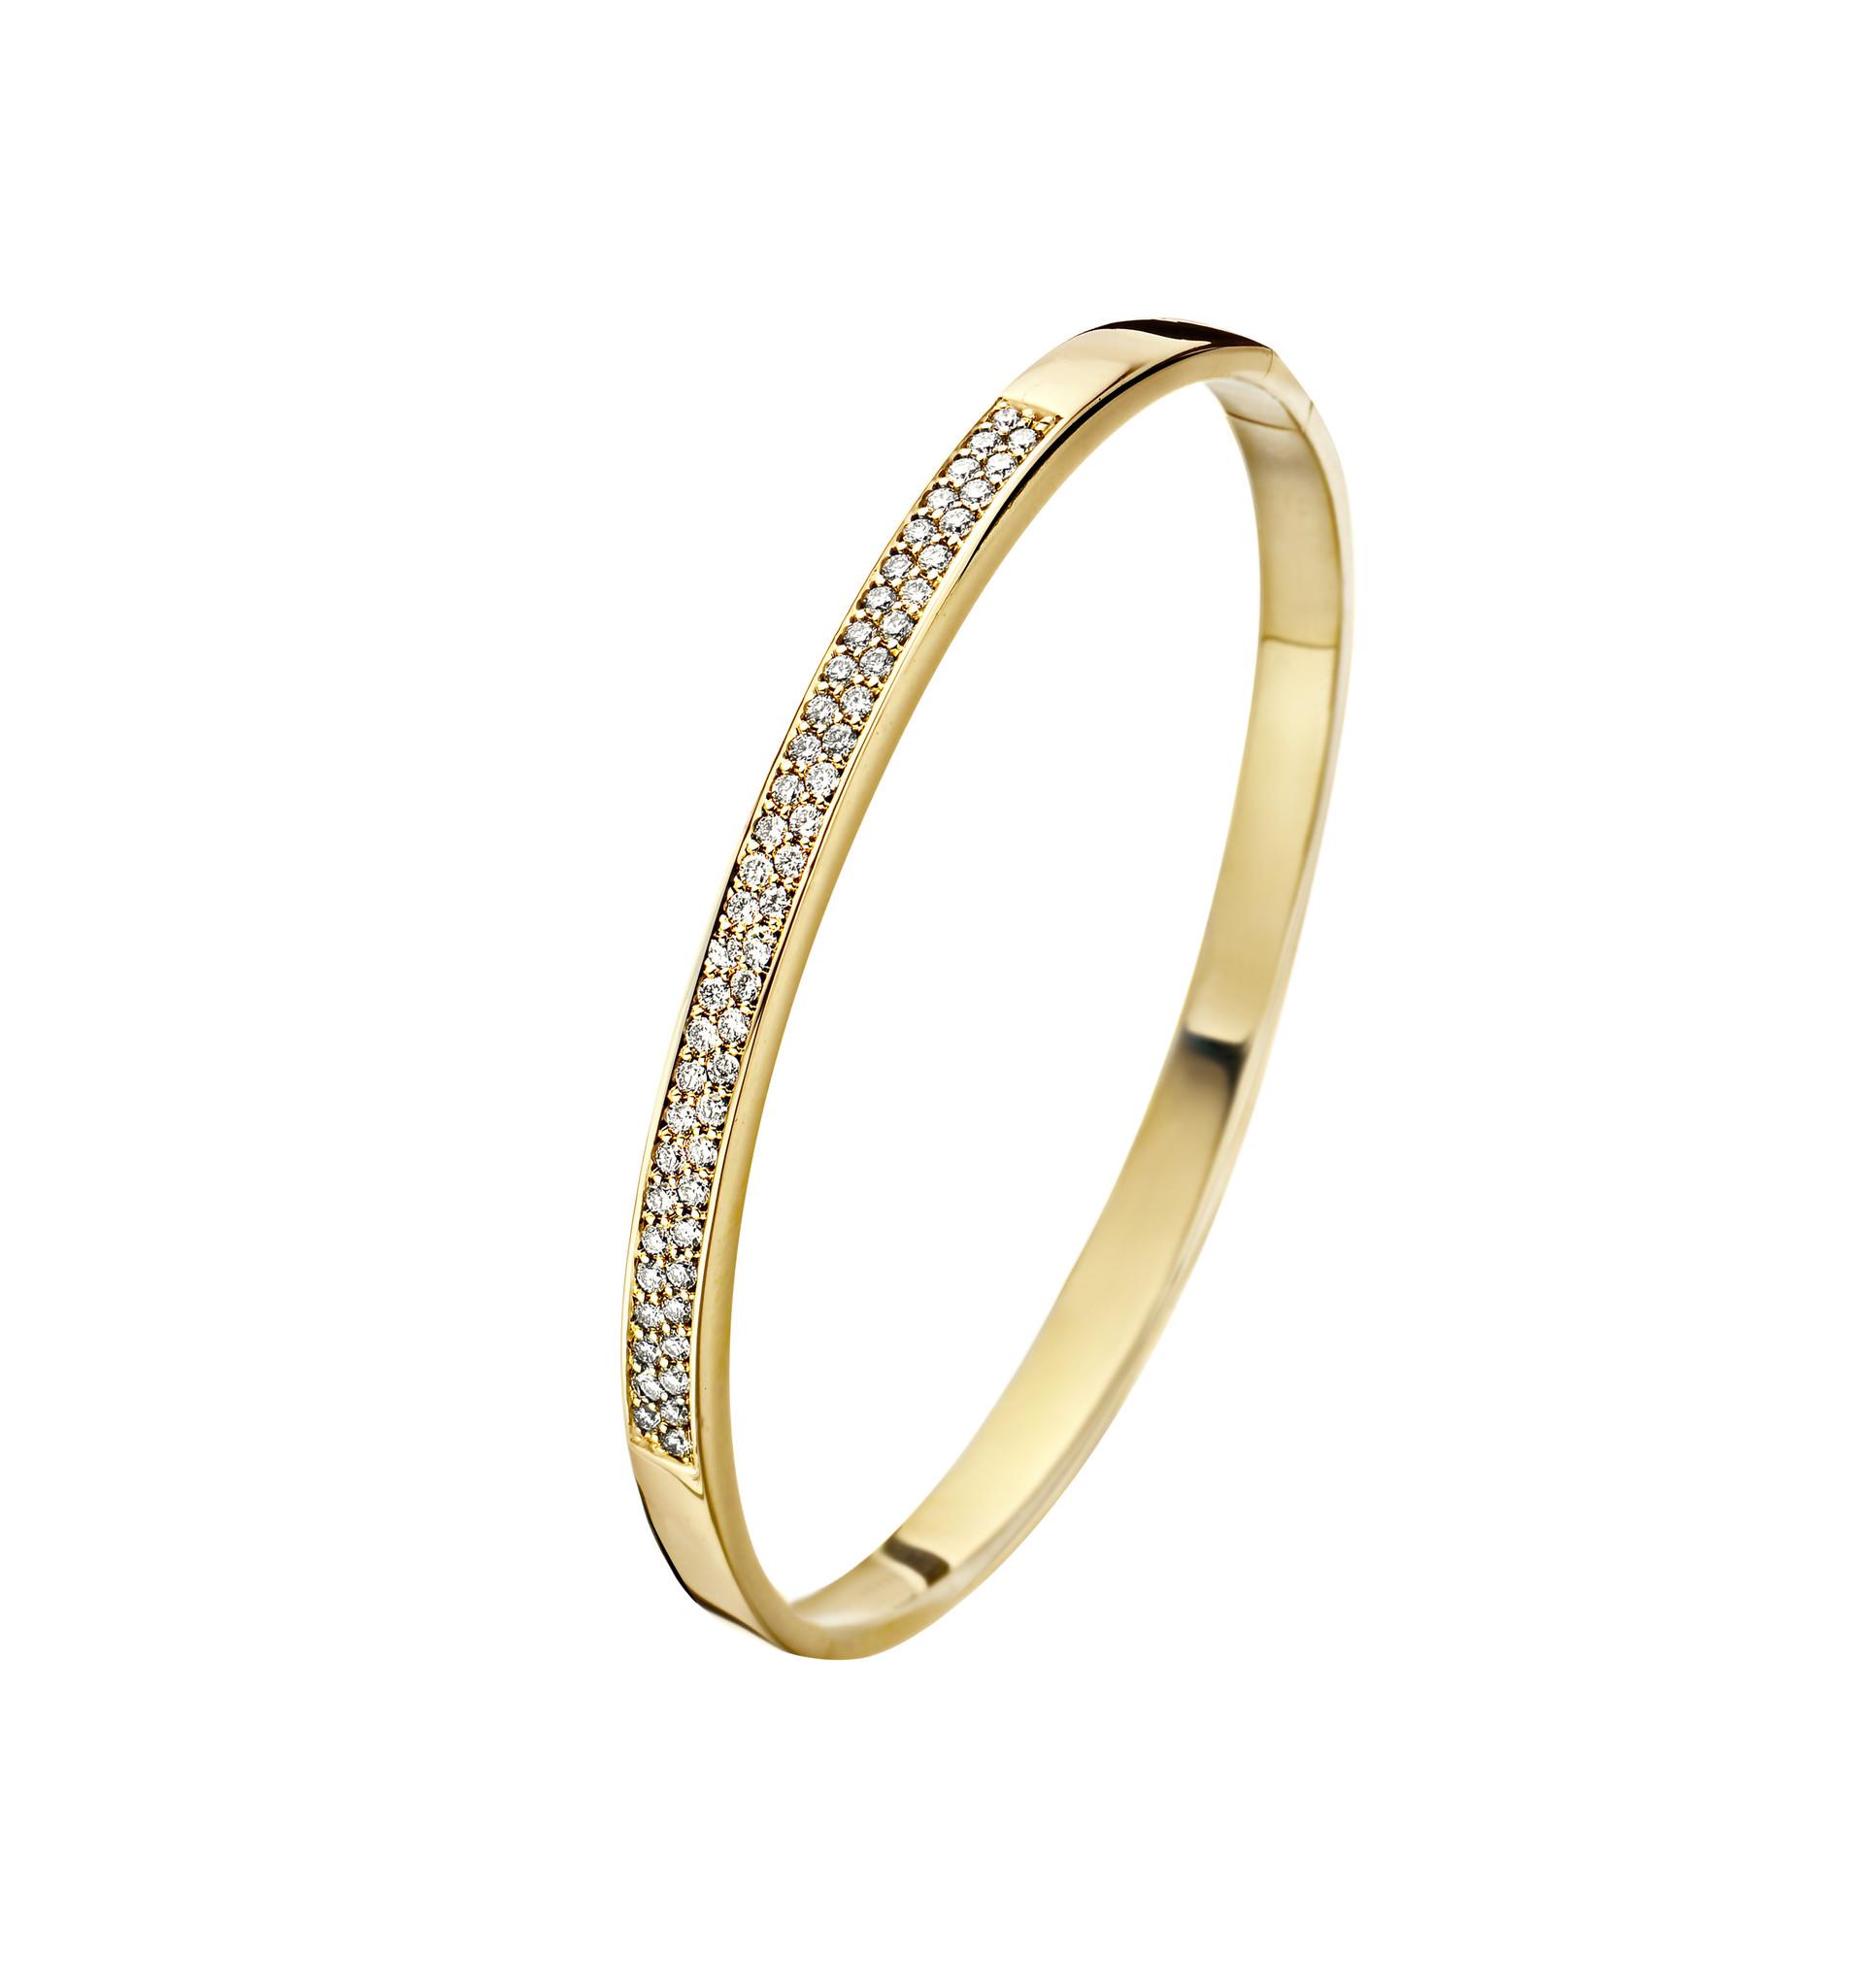 14 karaat geelgouden armband met diamanten - Recht 5 mm - Fjory - Slavenarmband-2